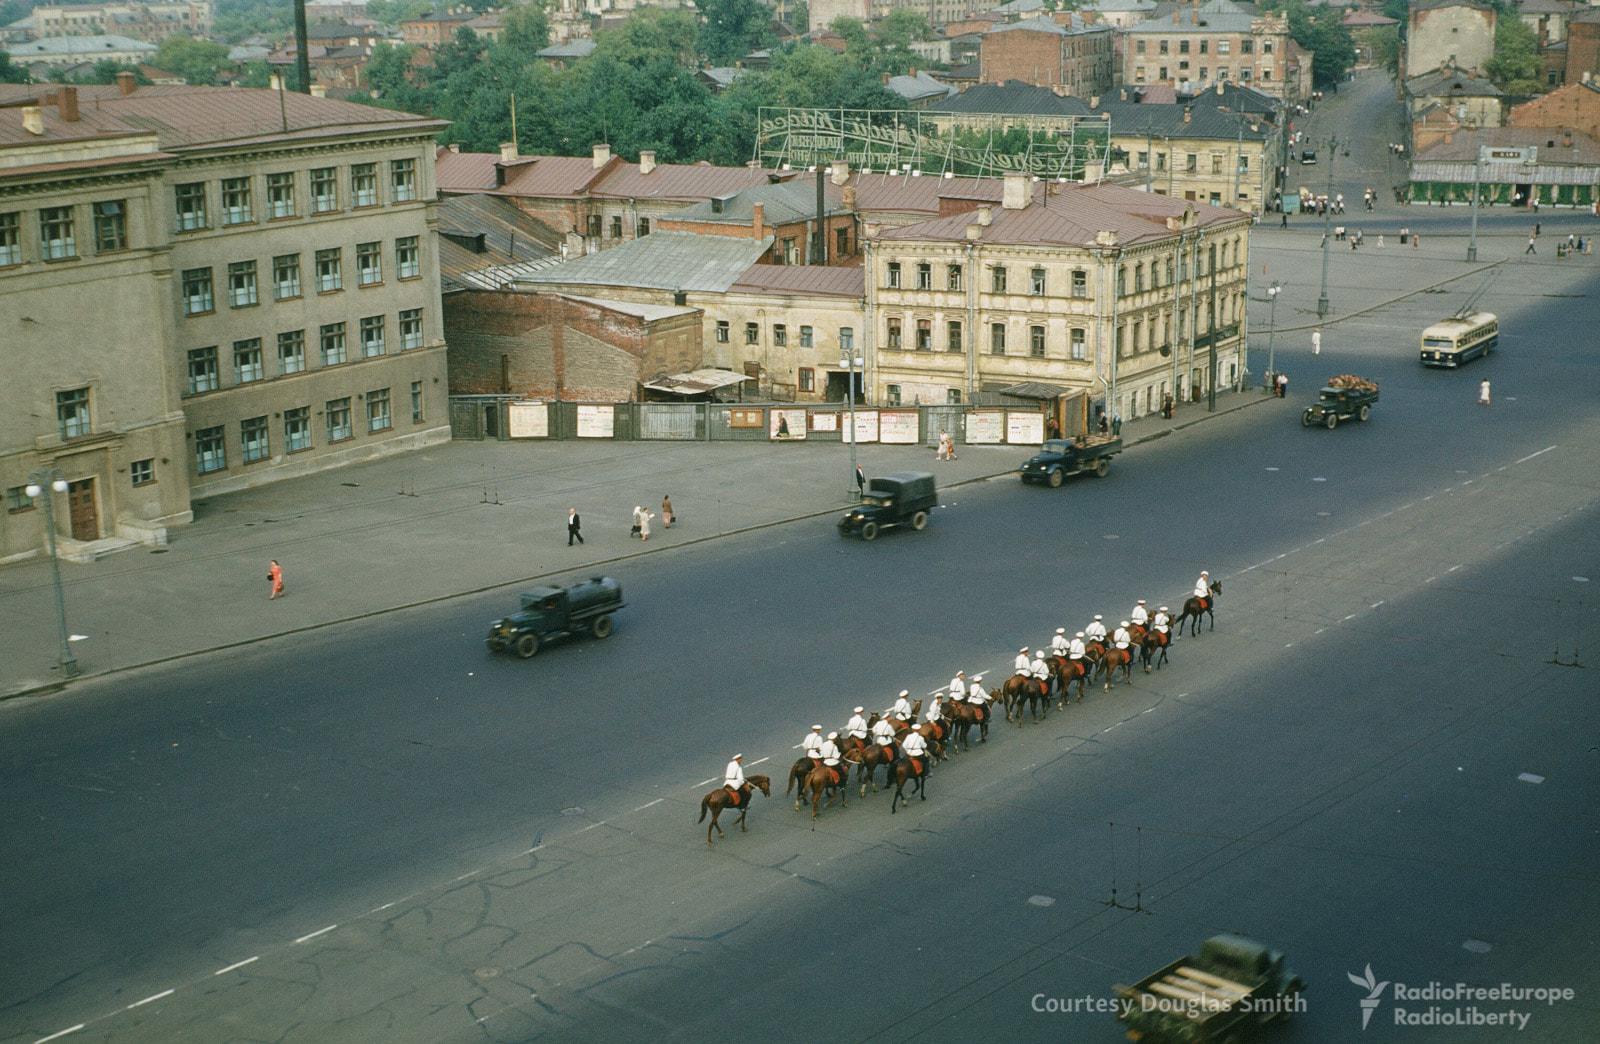 Конный расчет направляется по Садовой-Сухаревской улице к центру, слева видна Самотечная улица.